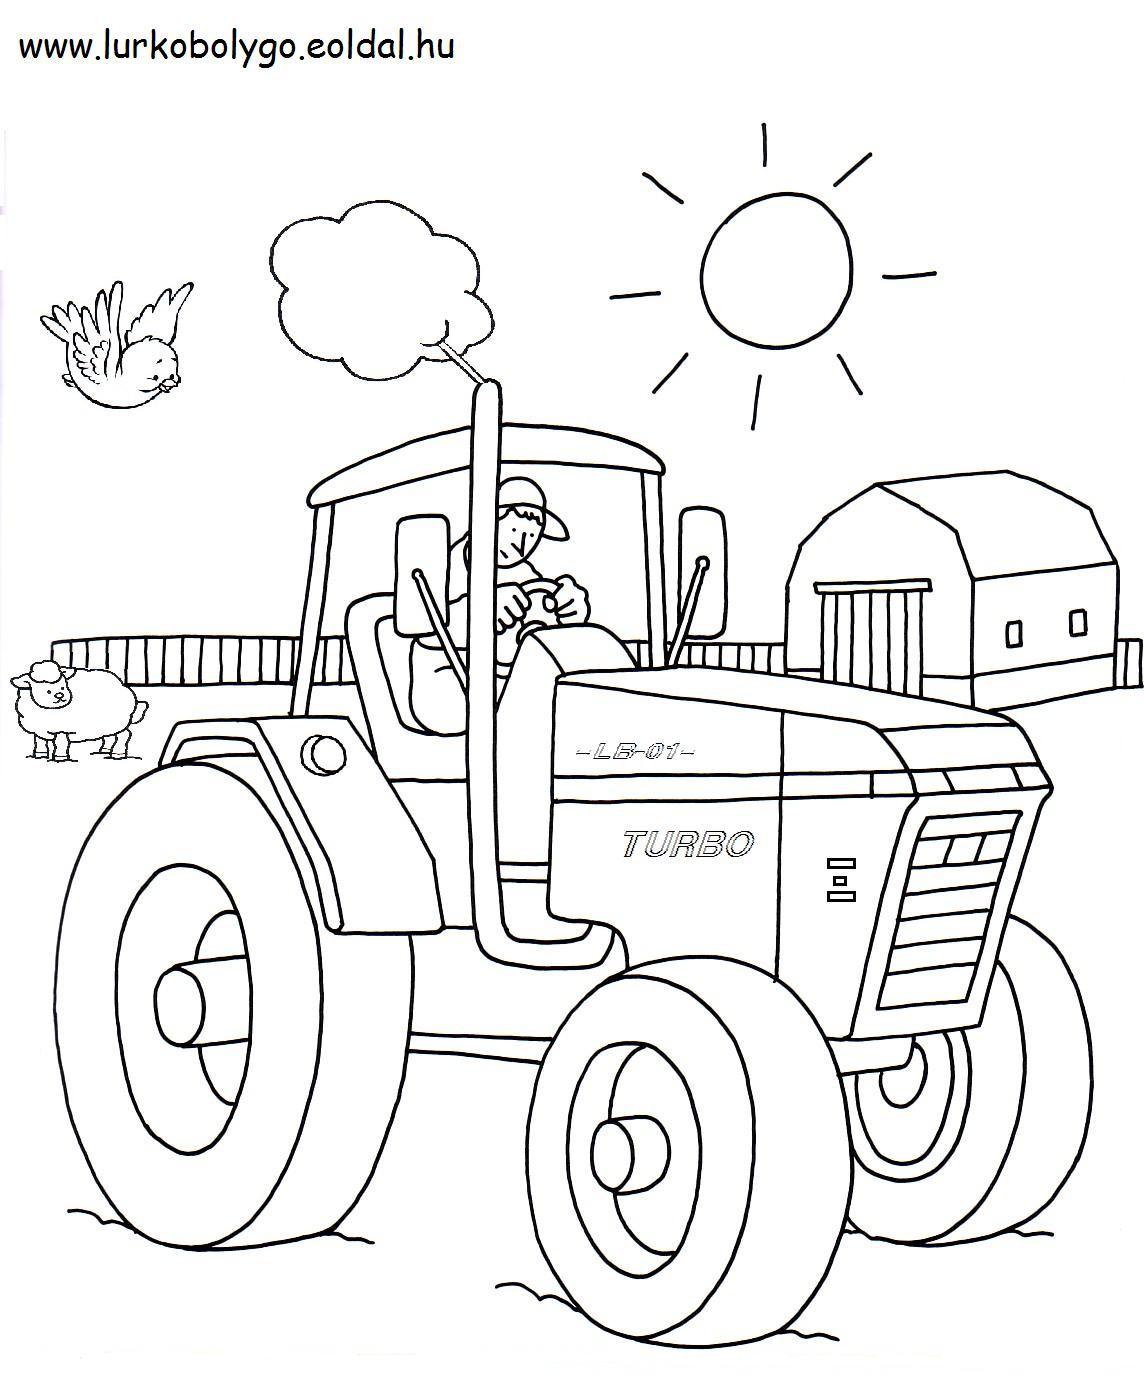 Die 20 Besten Ideen Für Ausmalbilder Traktor Mit Anhänger Beste